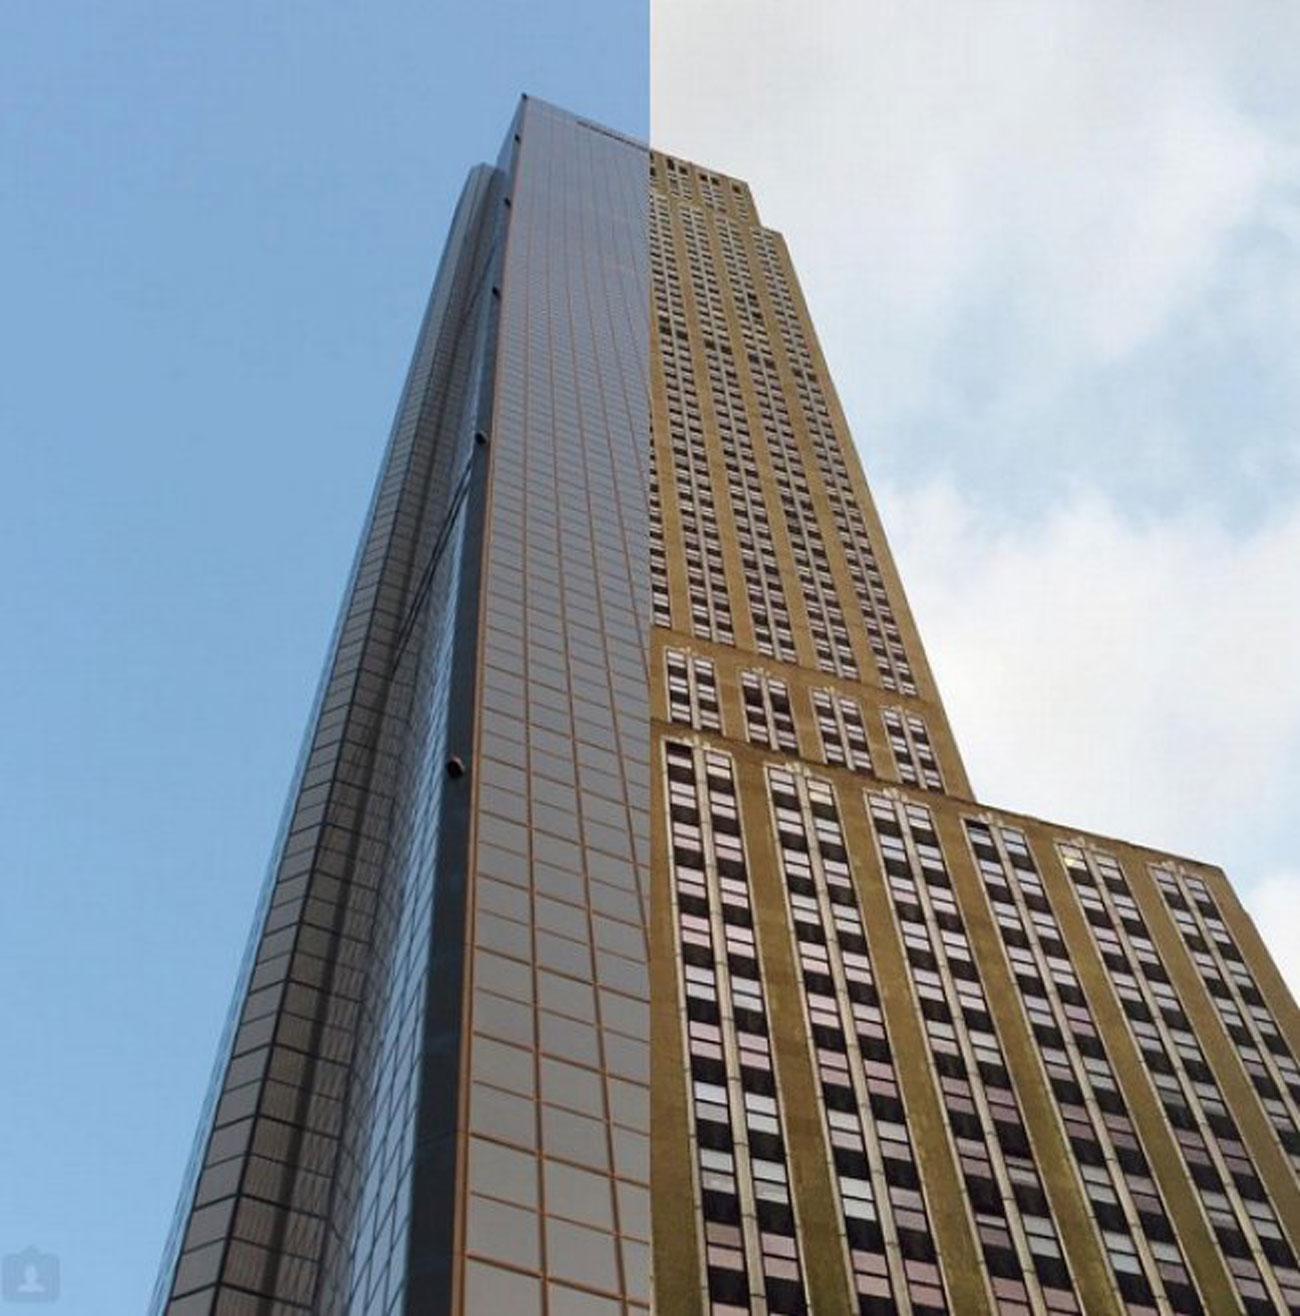 LISEOK e SHINDANBI buildings